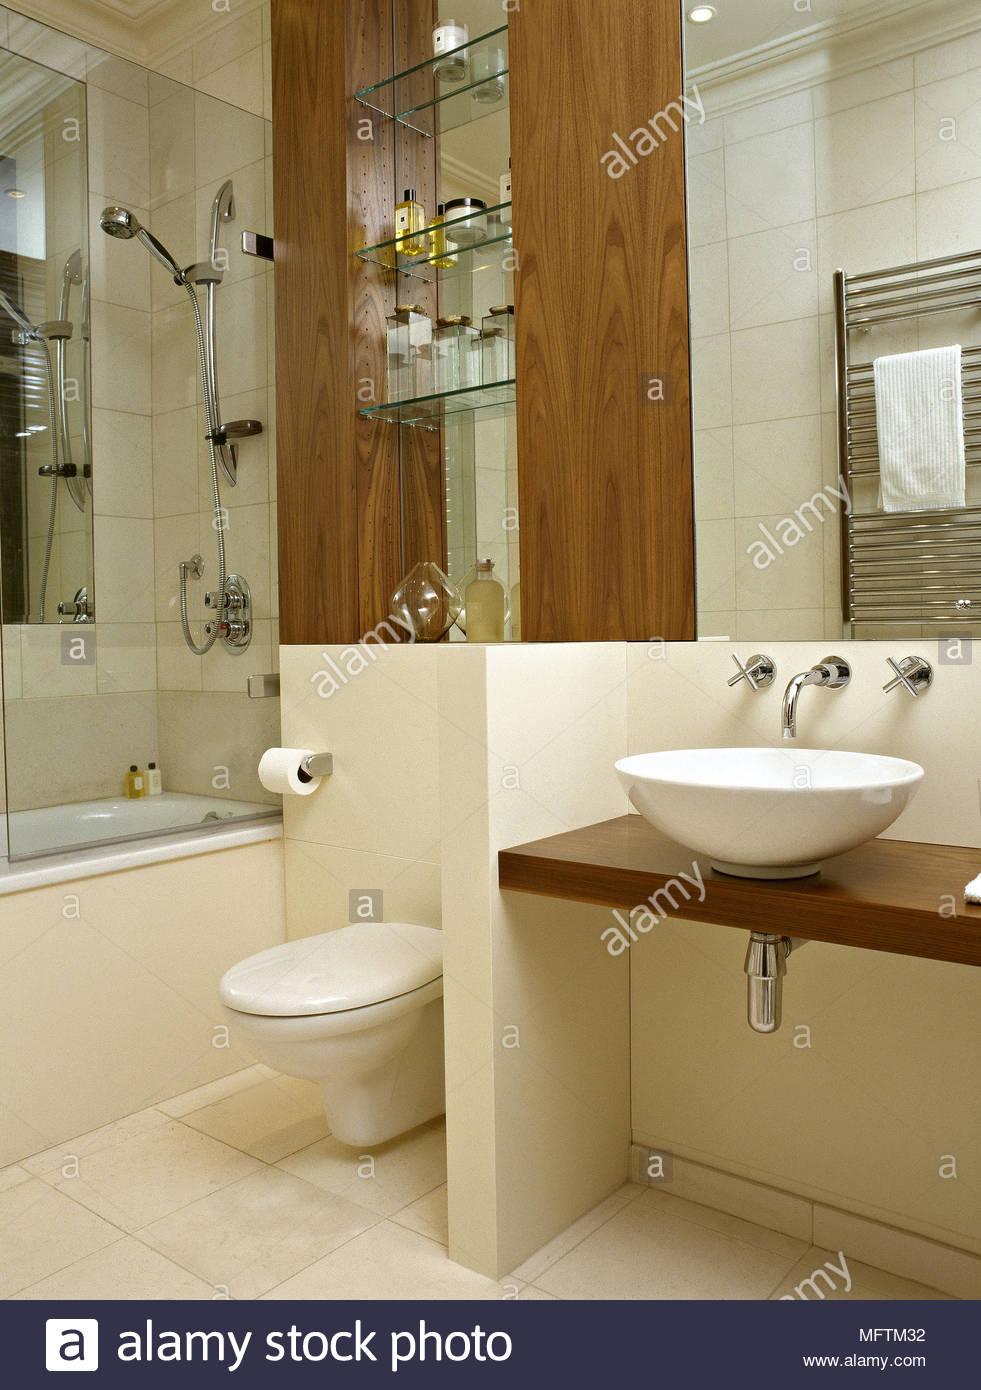 Ein Modernes Bad In Neutralen Farbtonen Dusche Uber Der Badewanne